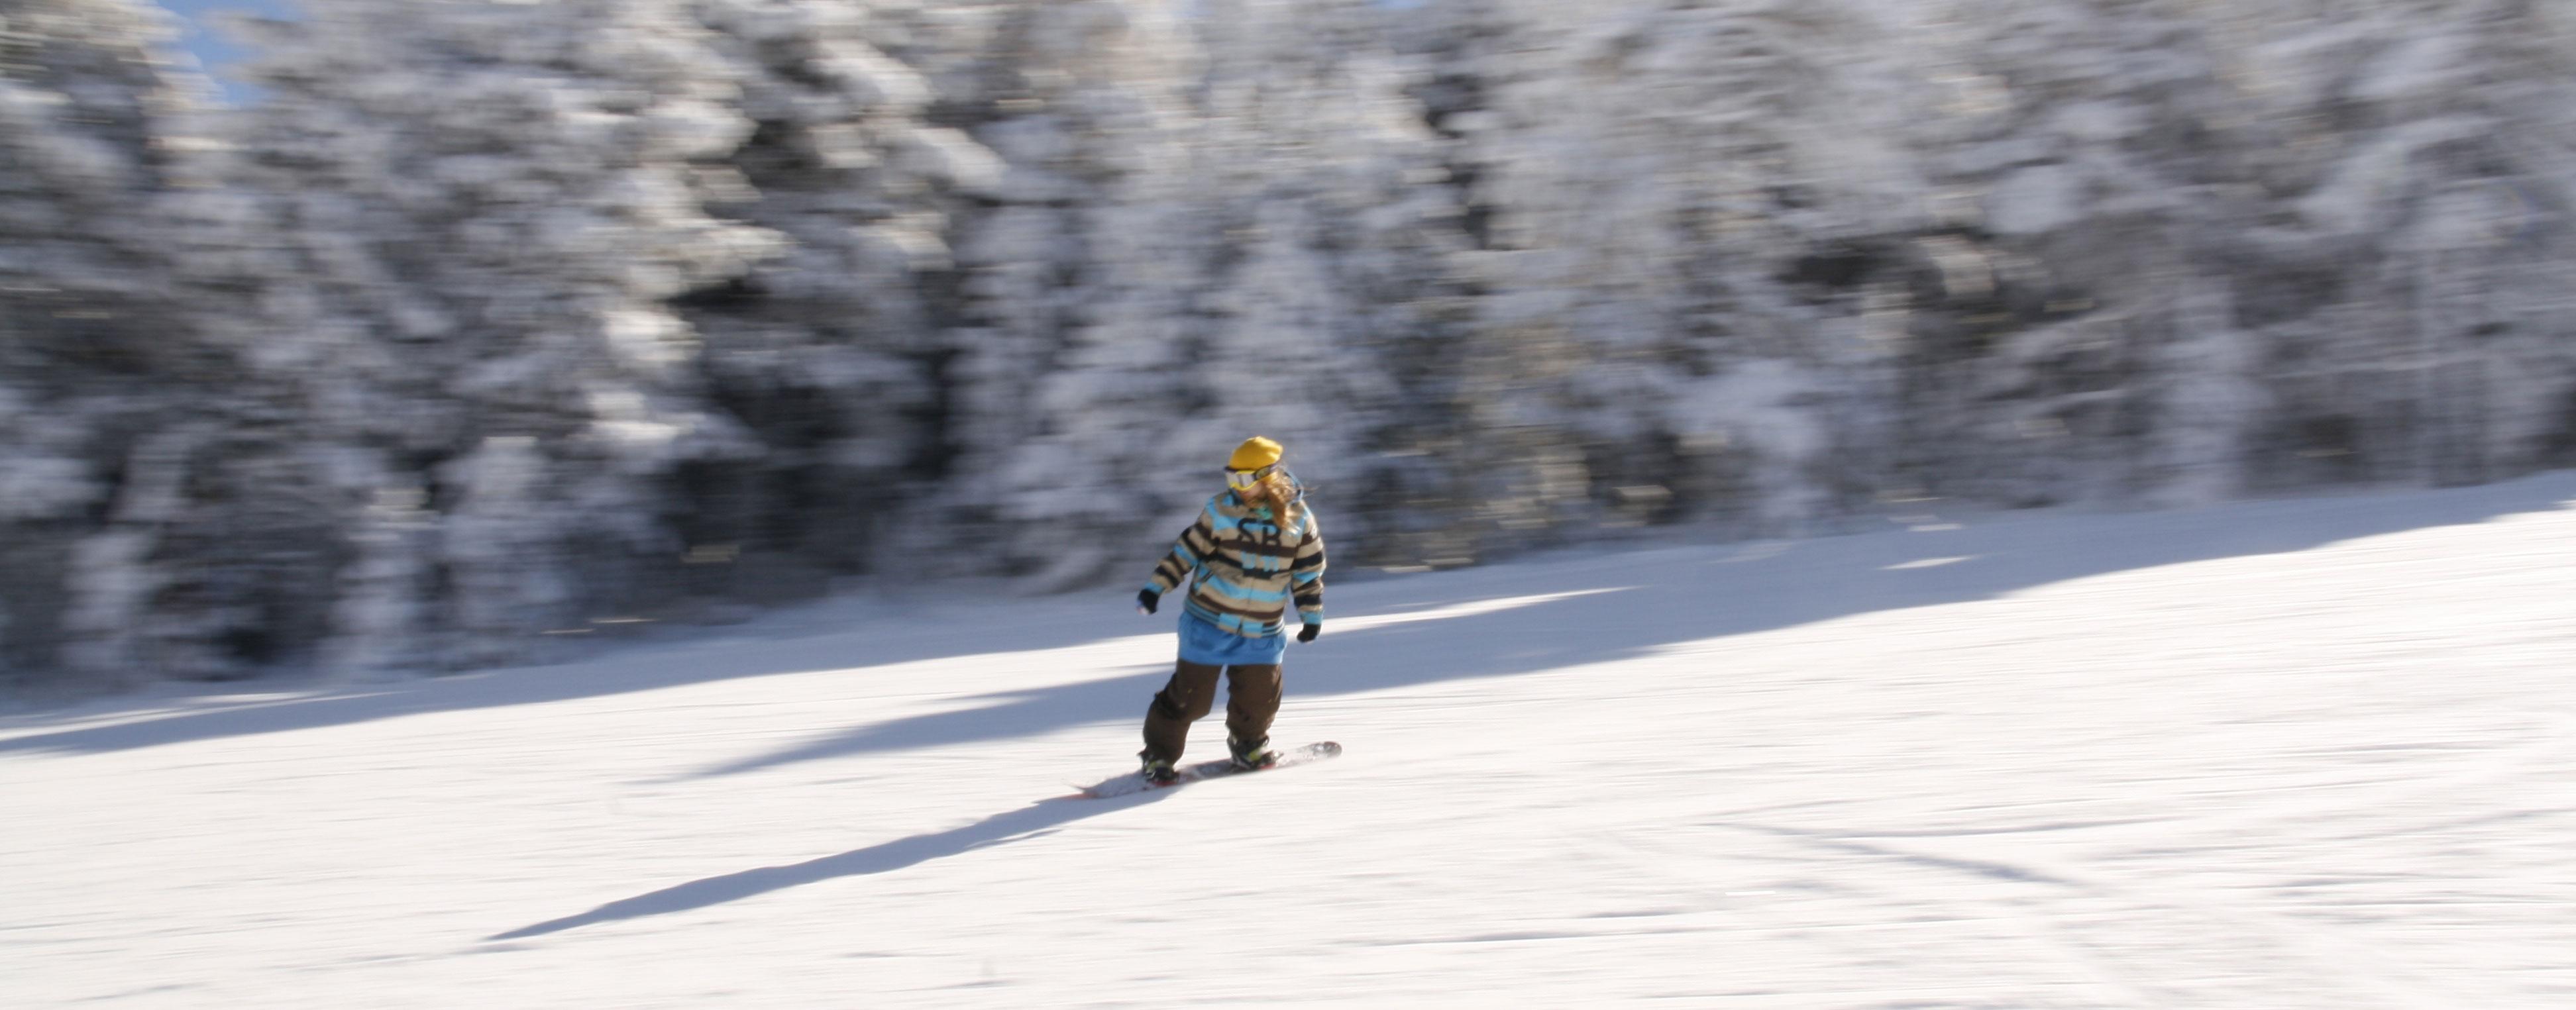 Alquiler equipo snow Javalambre